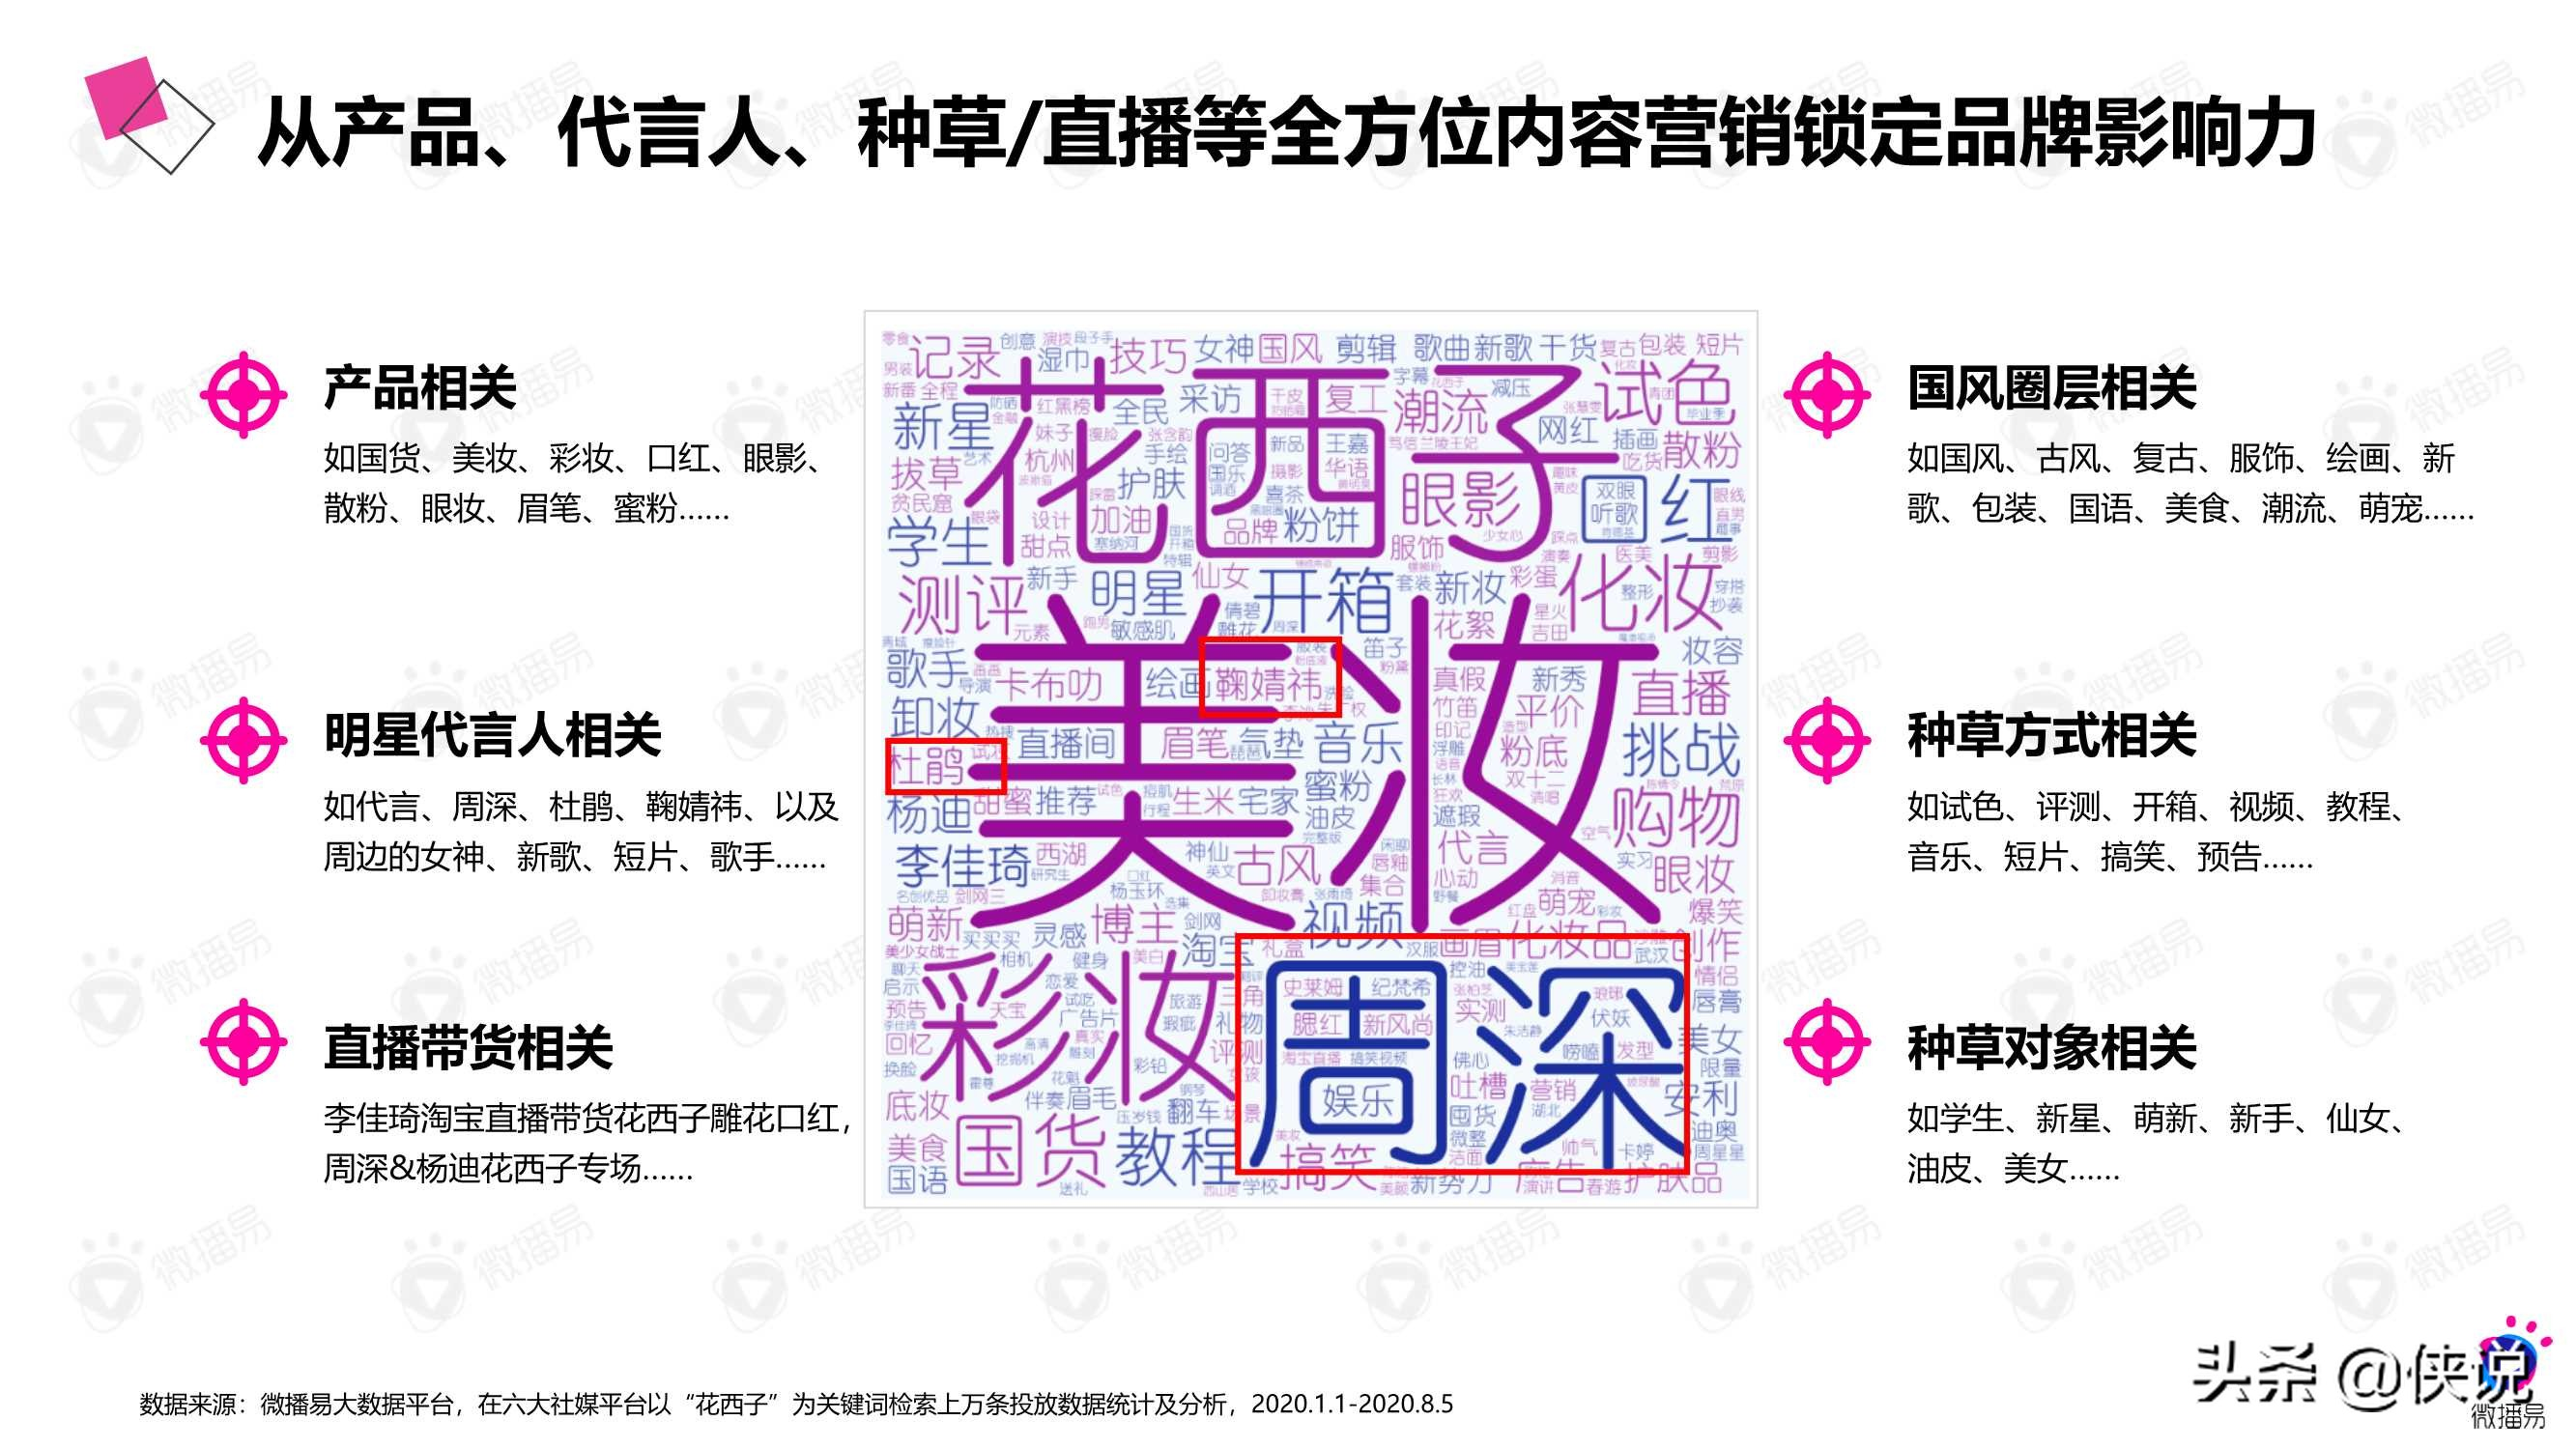 微播易:详析花西子的社媒营销策略